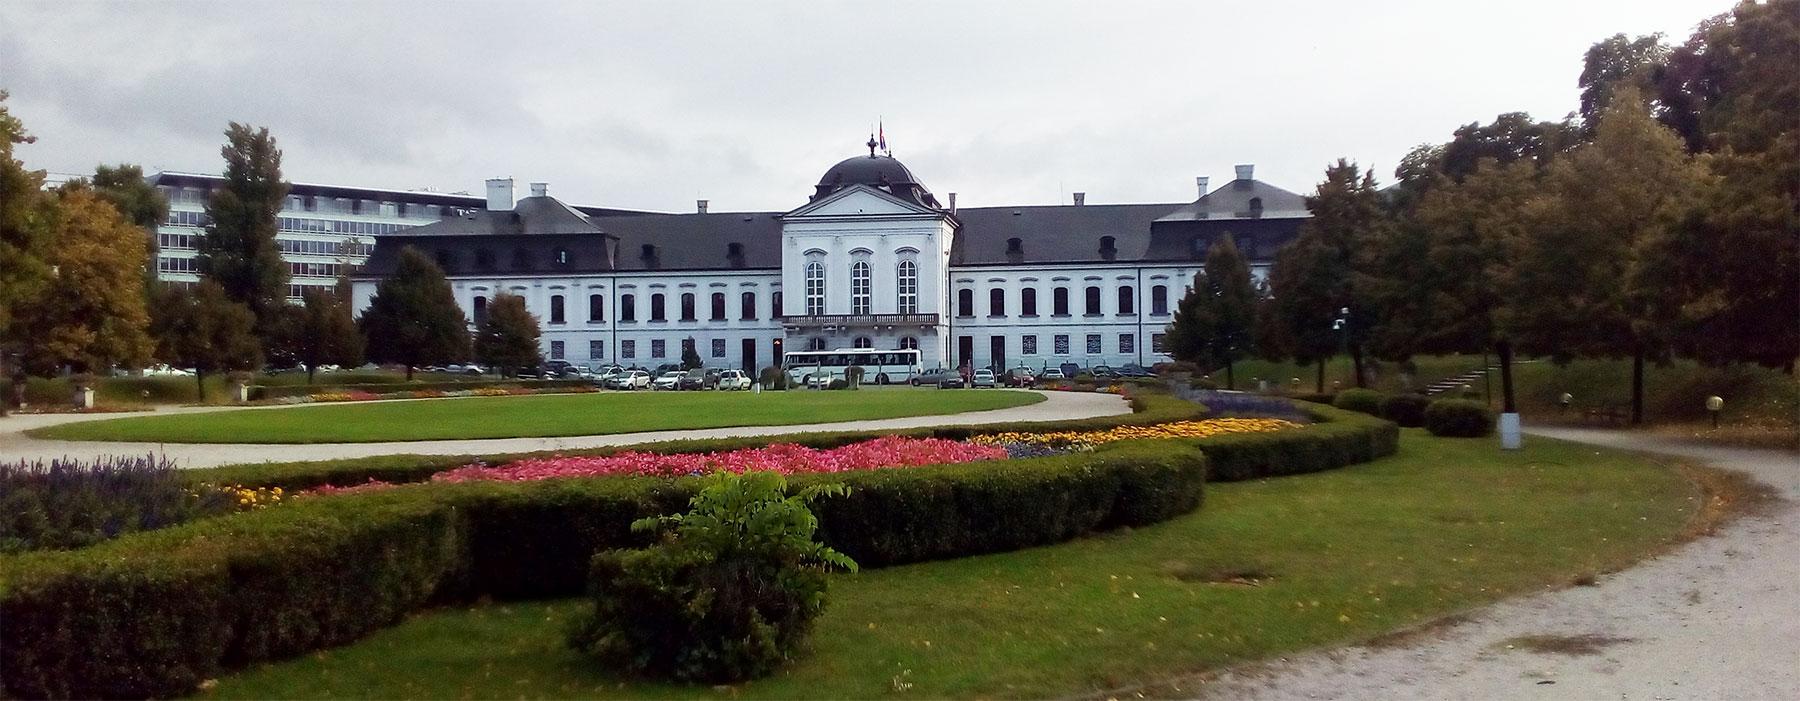 YouthMetre in Trnava, Slovakia